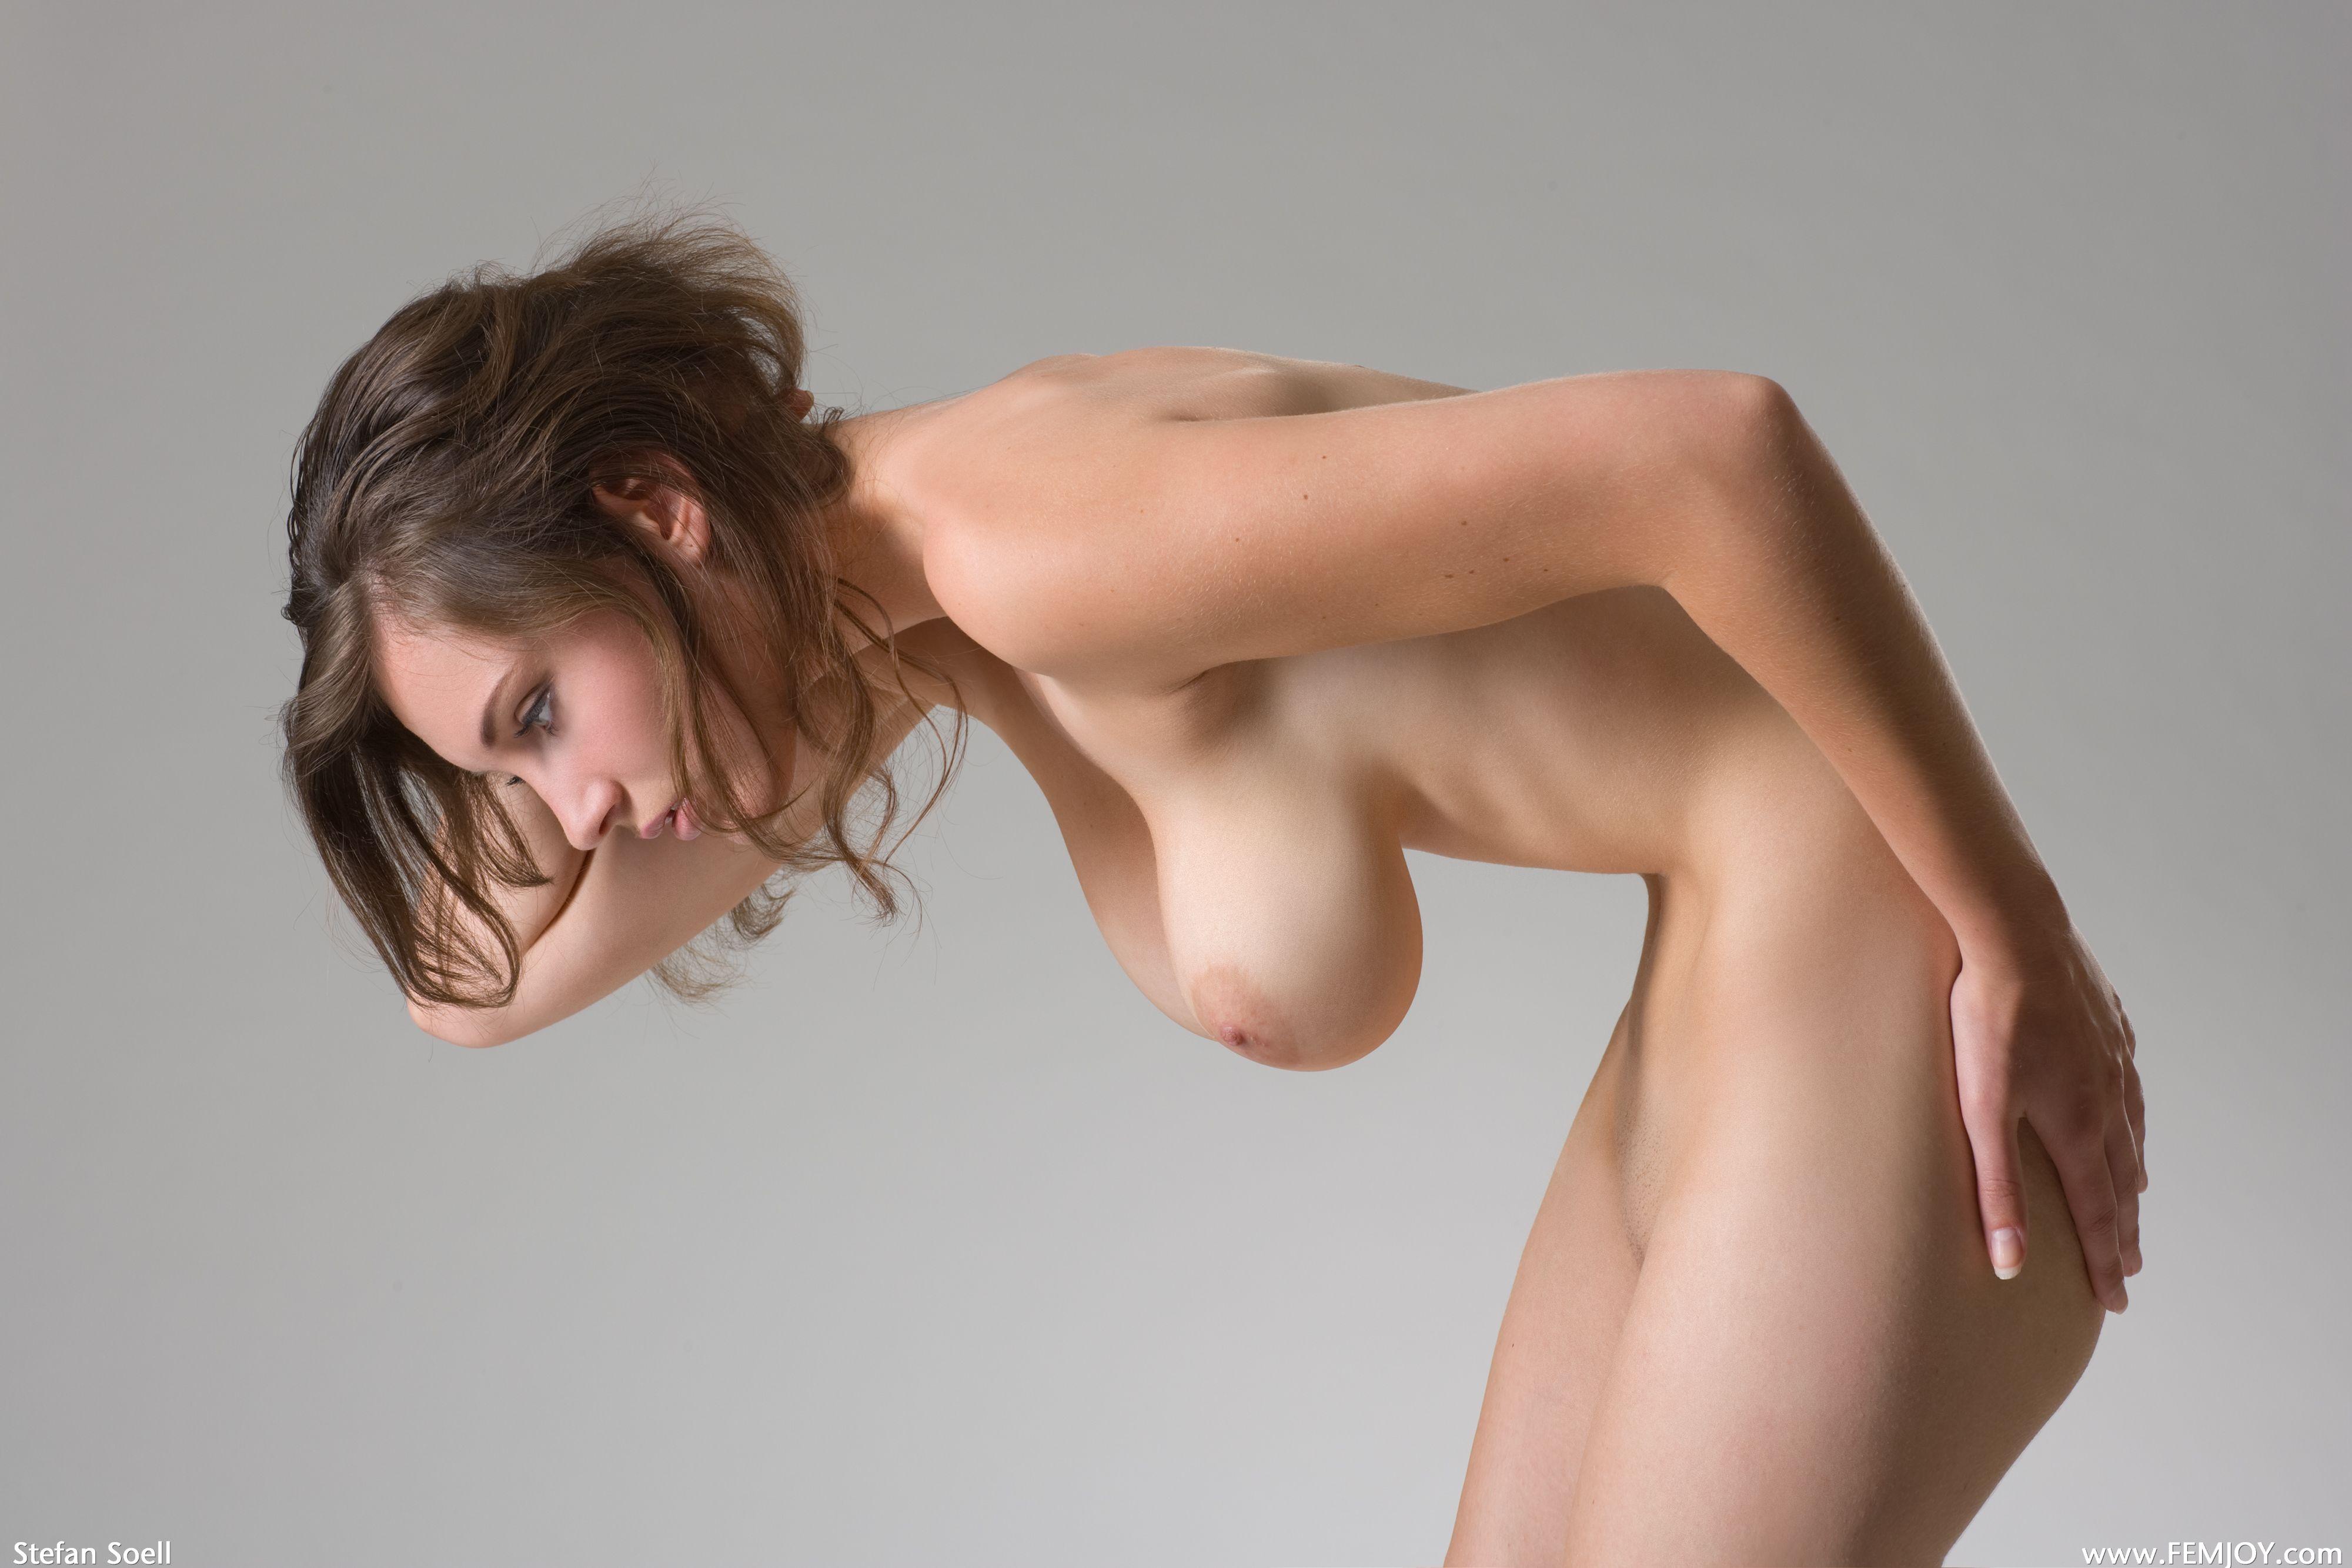 Стоячая женская грудь фото 5 фотография